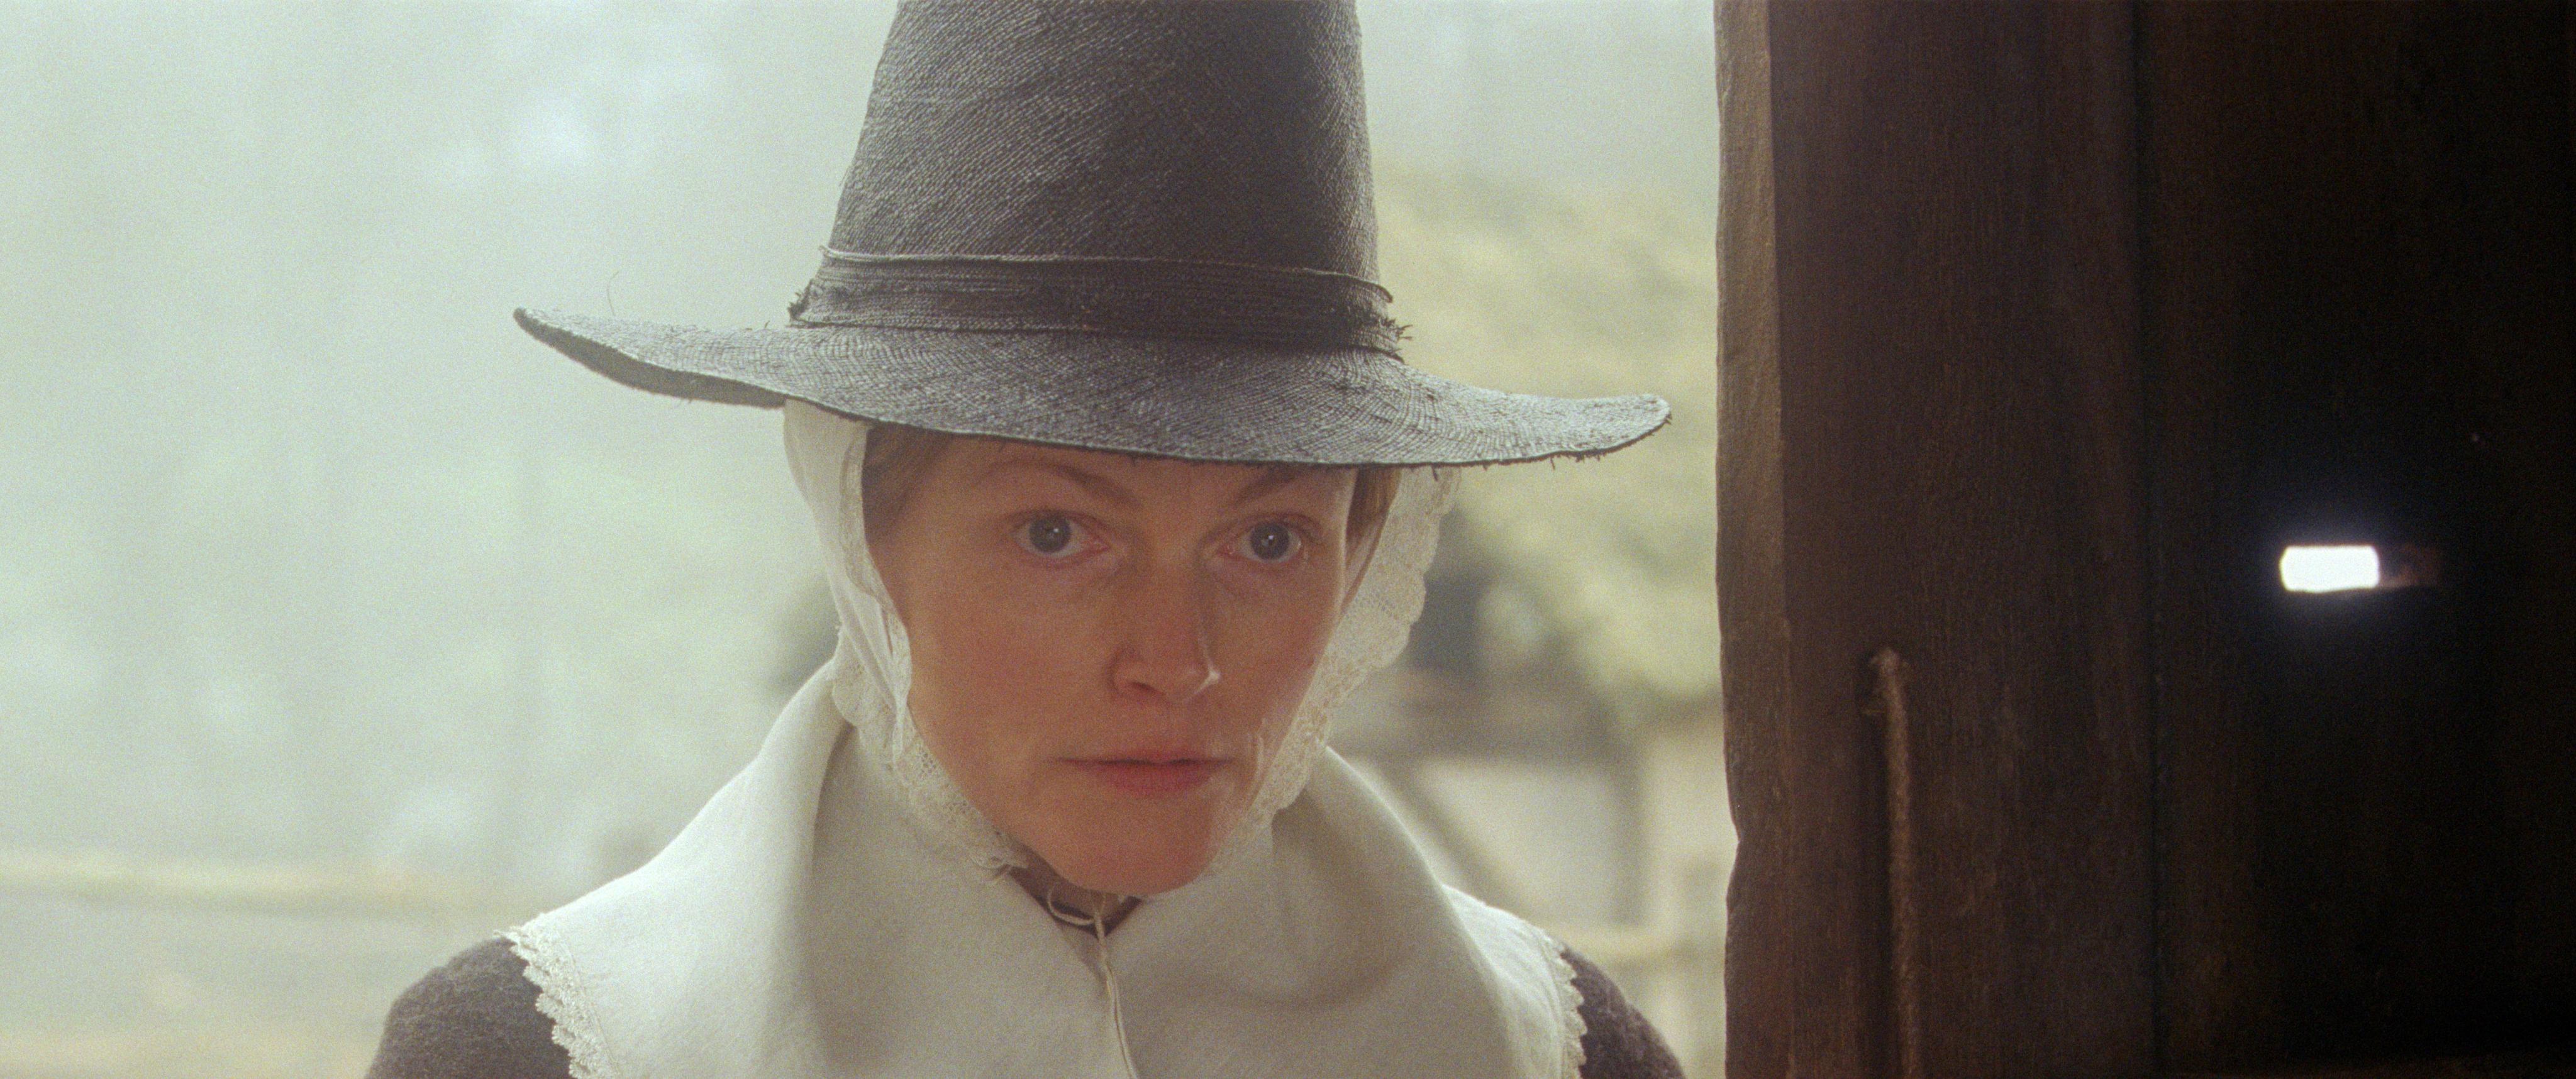 Maxine Peake in Fanny Lye Deliver'd